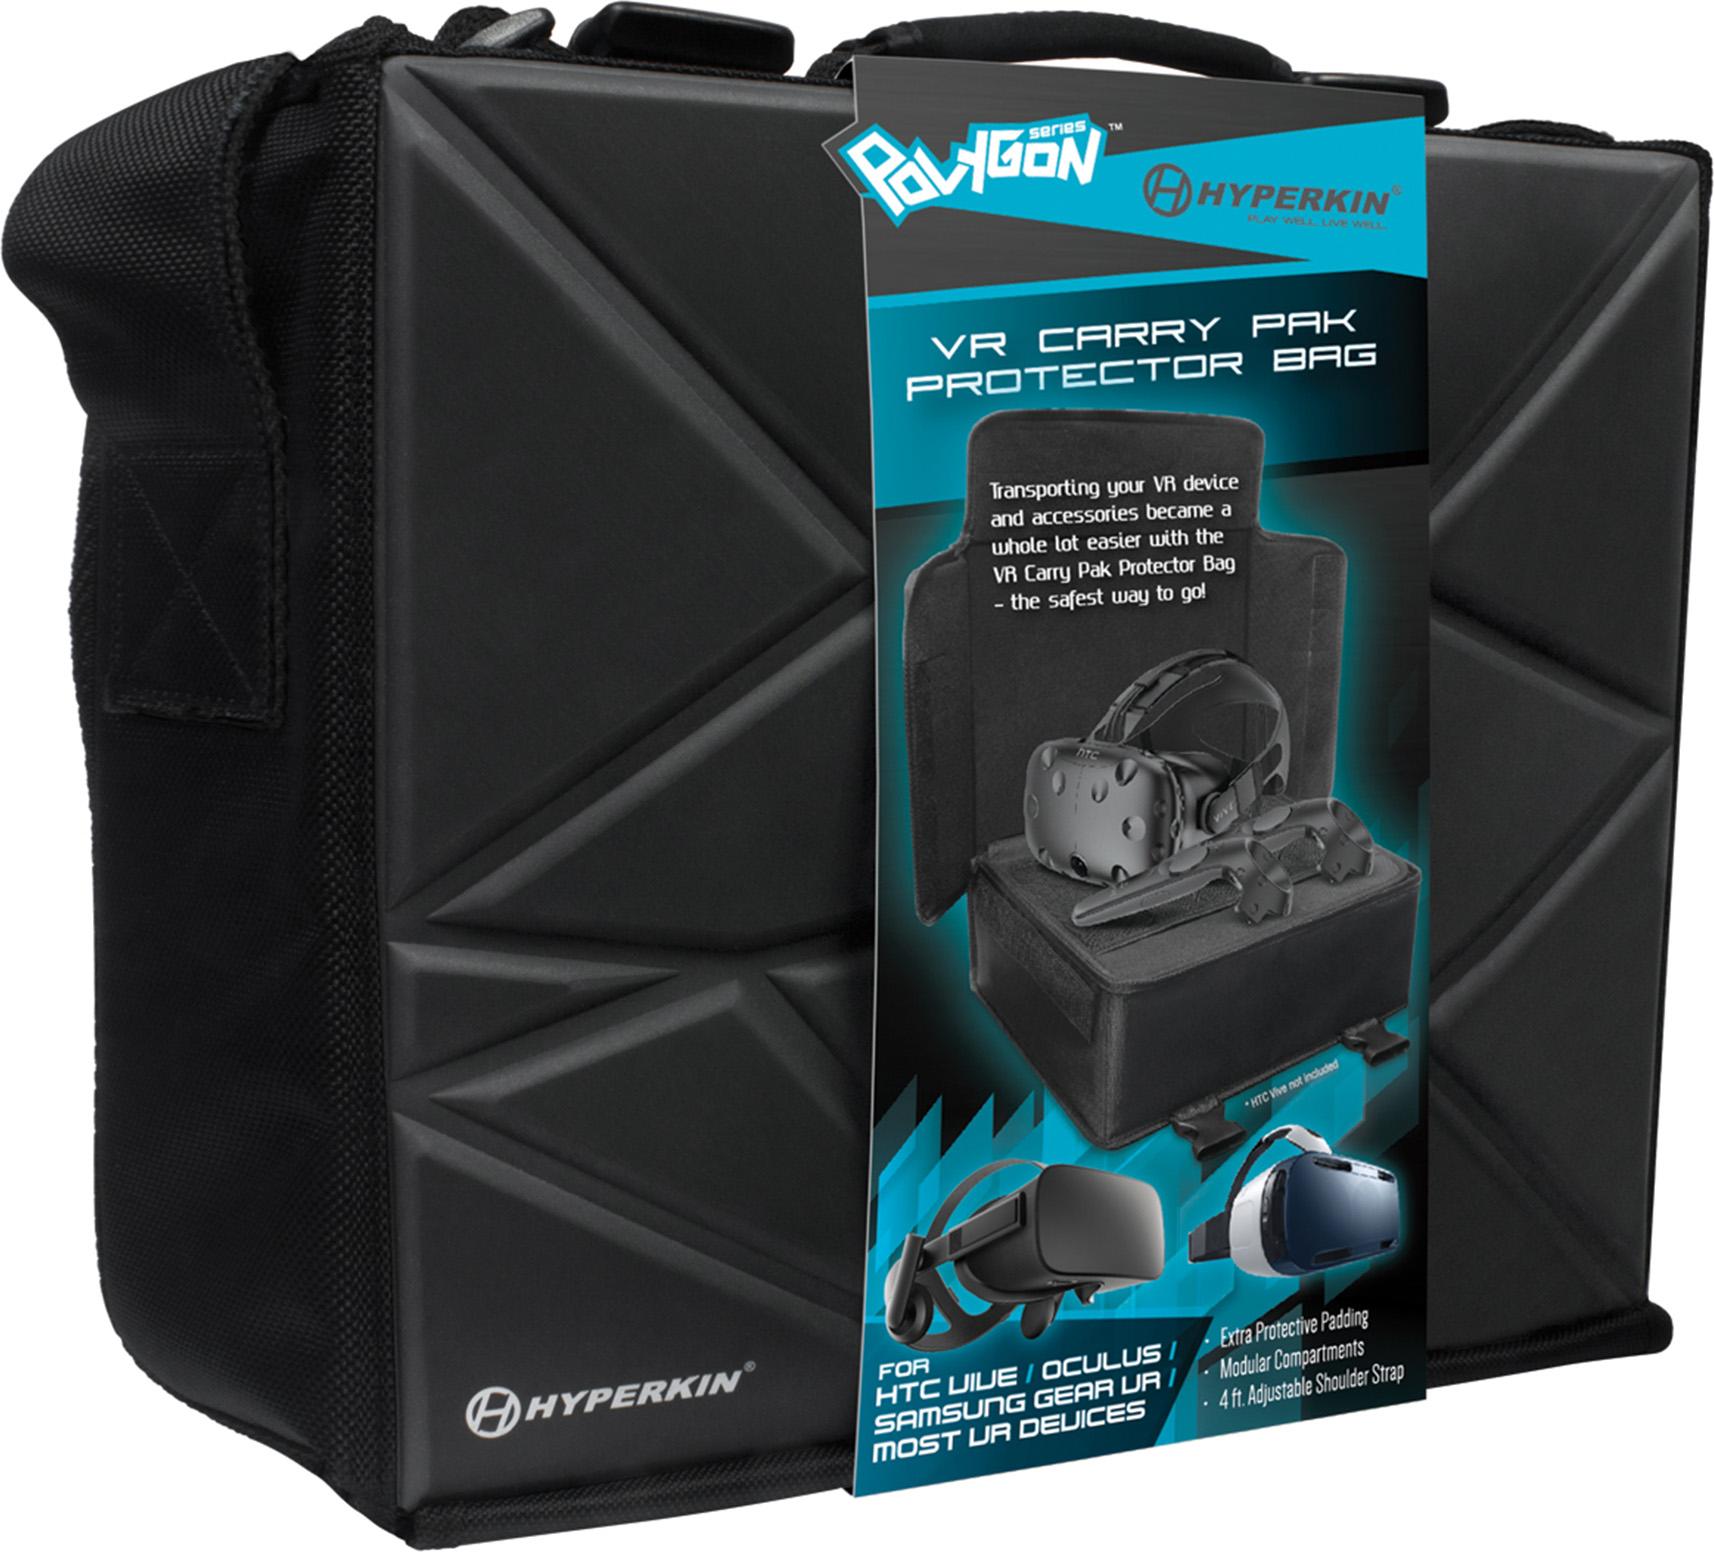 Hyperkin VR Carry Bag (The Rook)